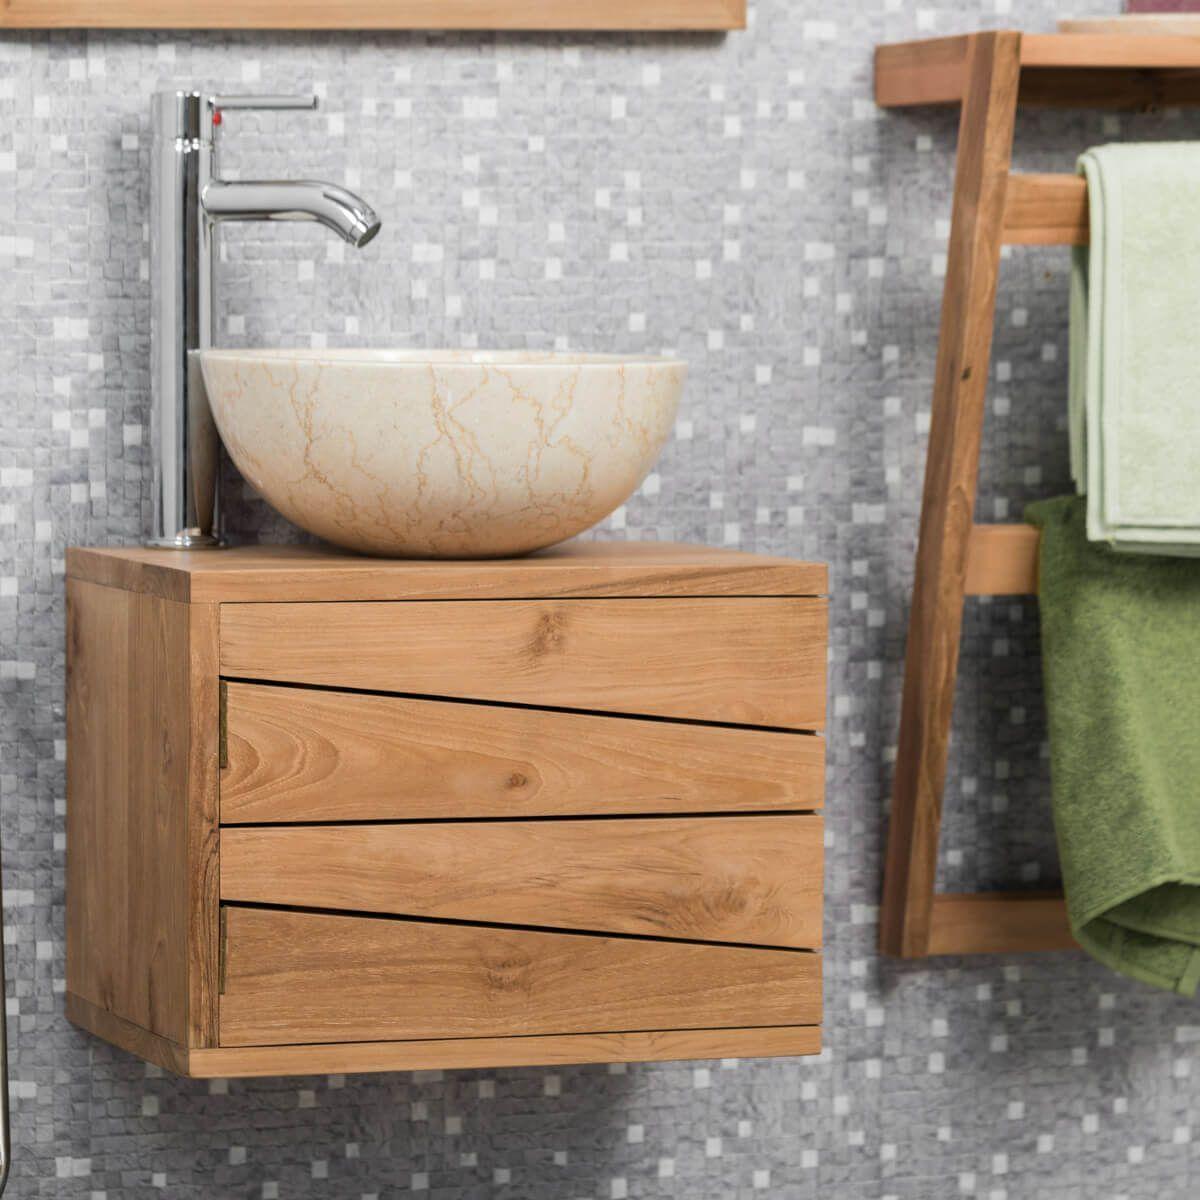 Creez Une Harmonie Parfaite Dans Votre Piece Avec Le Petit Meuble De Salle De Bain Suspendu Cosy Bathroom Vanity Units Small Bathroom Furniture Small Bathroom